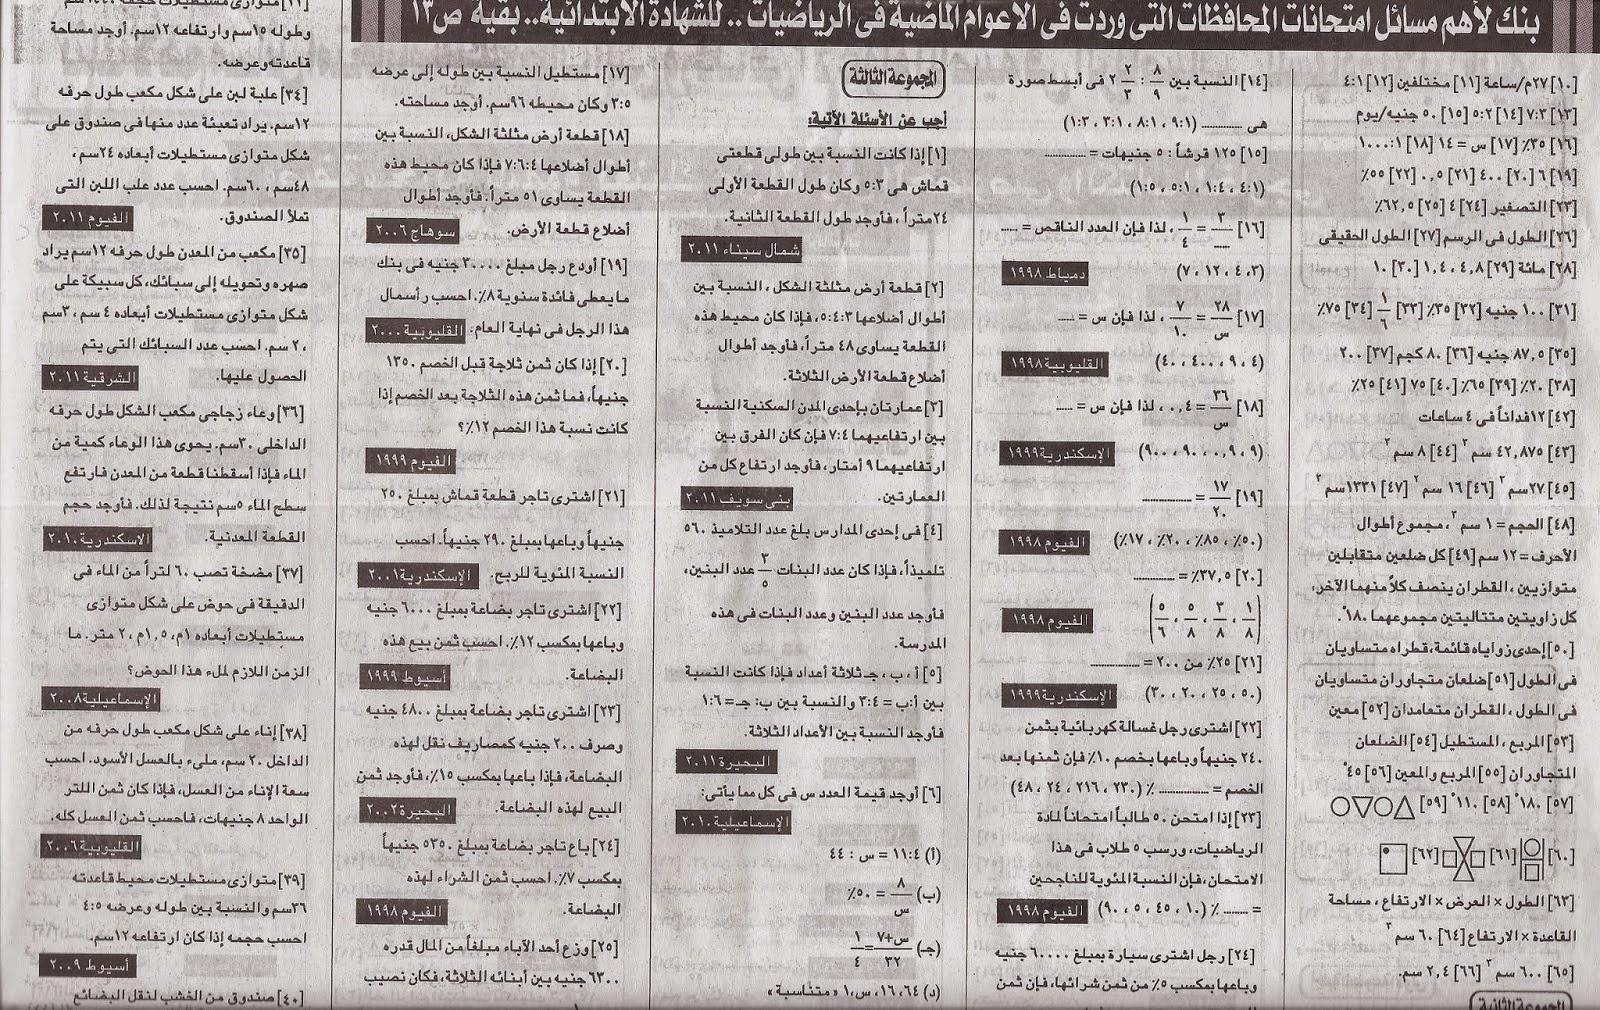 كل مراجعات ملاحق الجمهورية للترم الأول 2015 للشهادة الإبتدائية المنهاج المصري scan0058.jpg